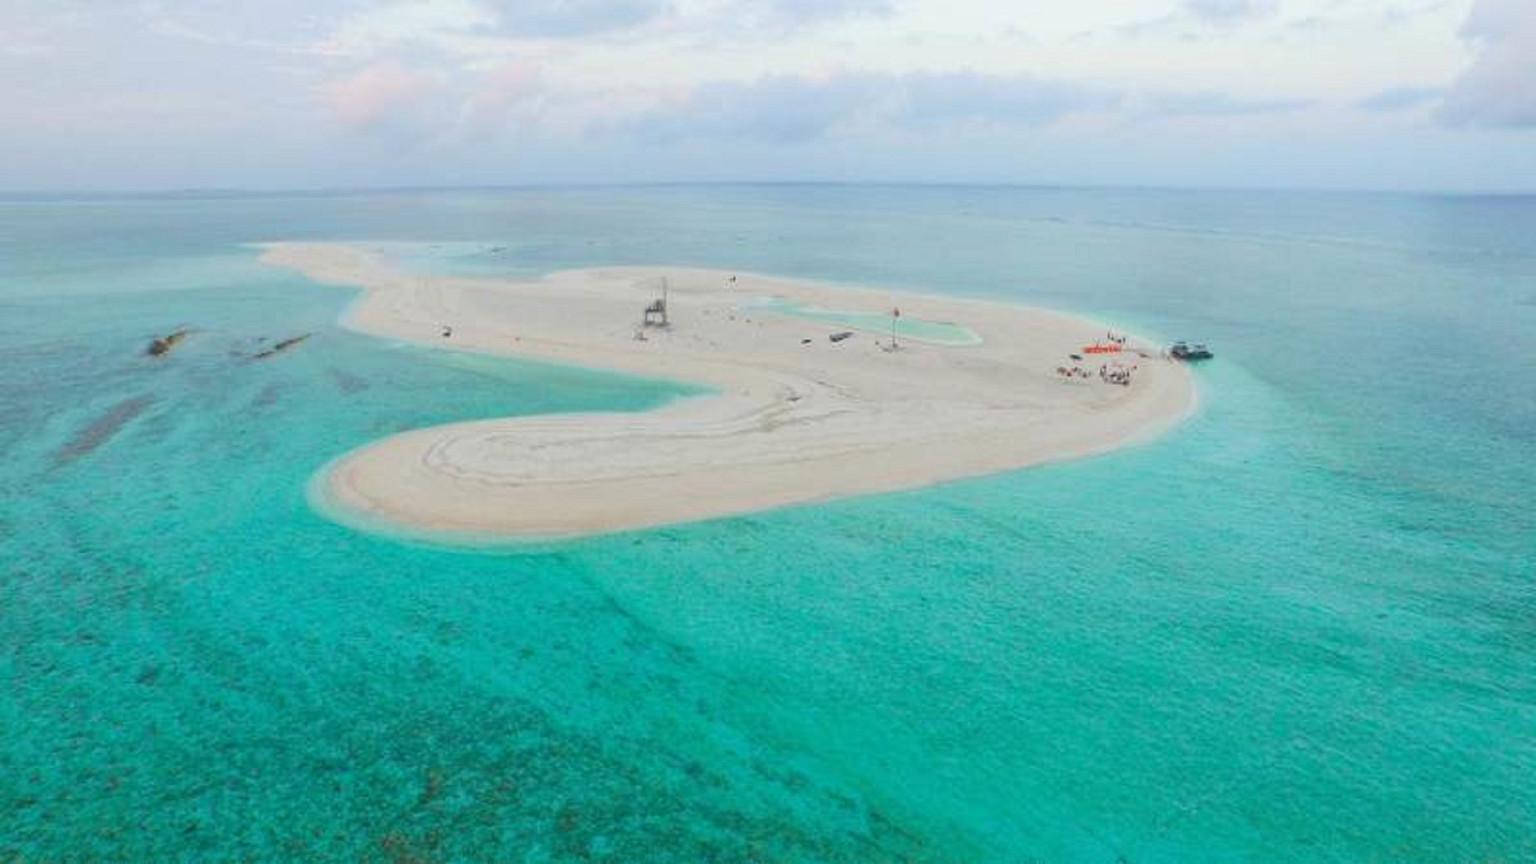 海南三亚西沙群岛4日游>北部湾之星,专属6人舱,阳光姐妹淘在西沙深夜